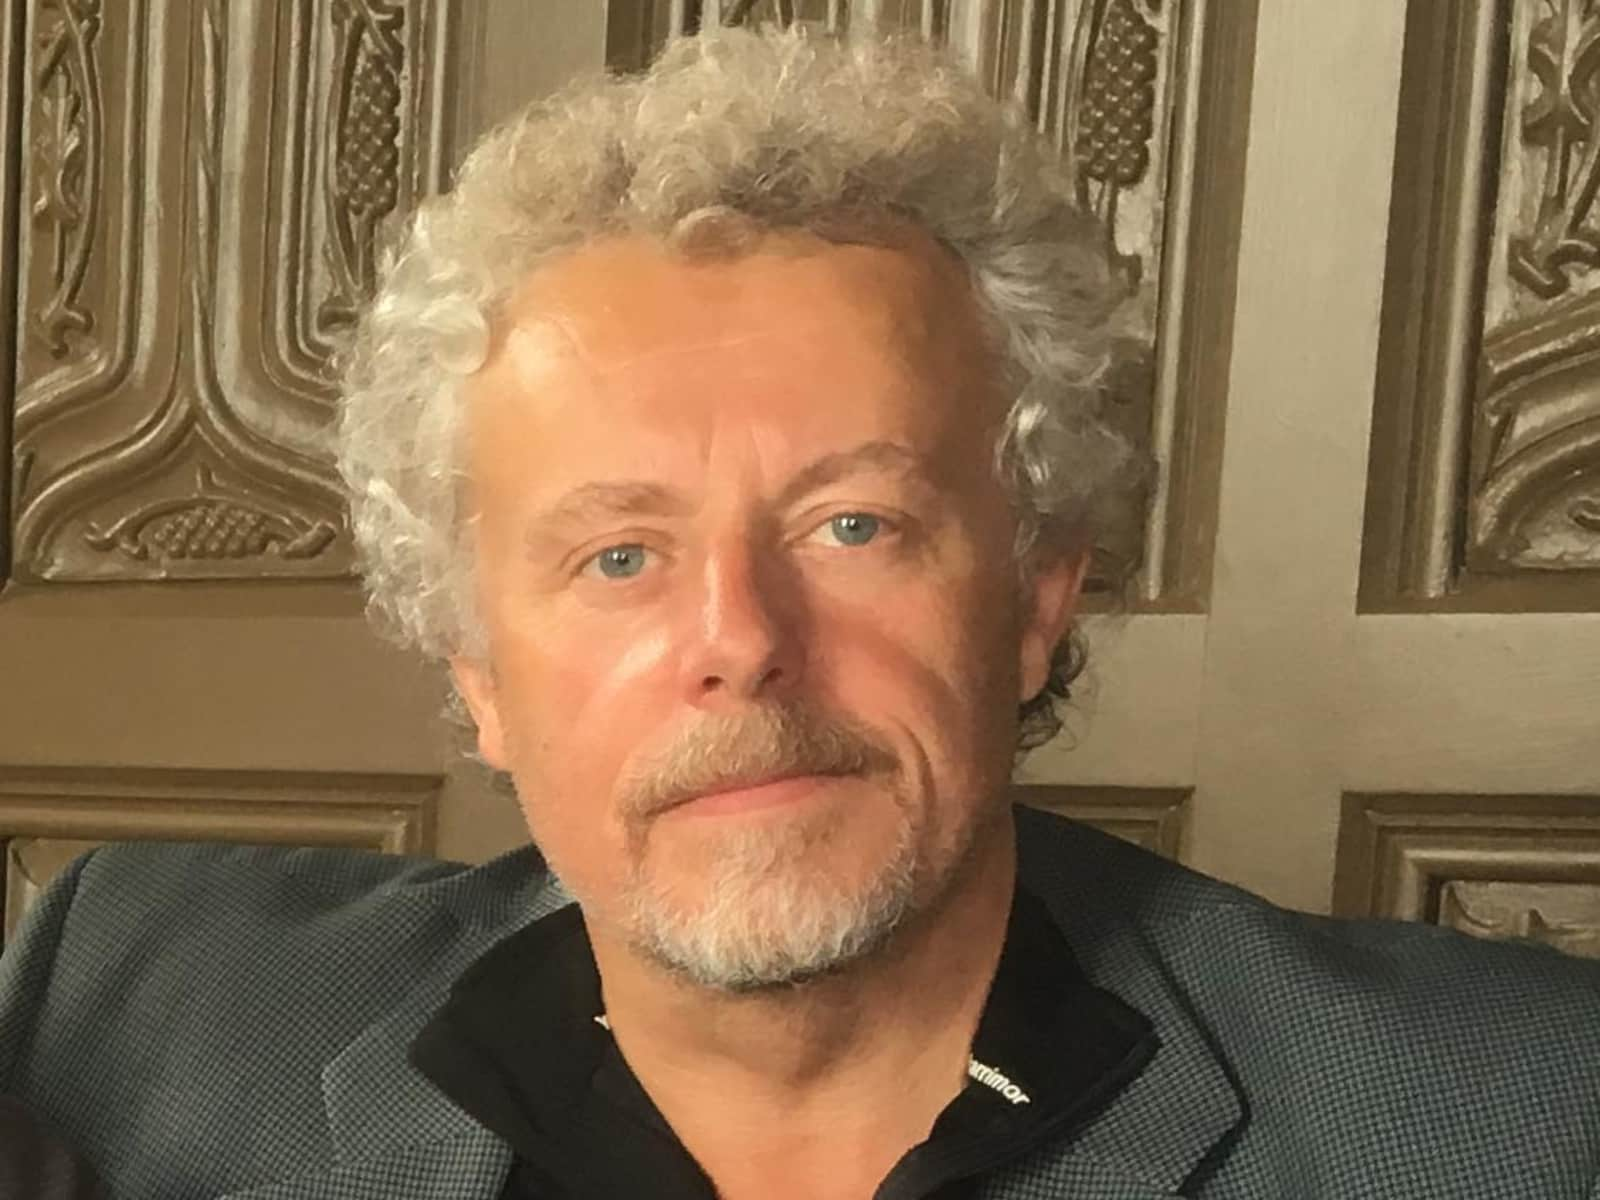 Professor. nicholas from Arundel, United Kingdom